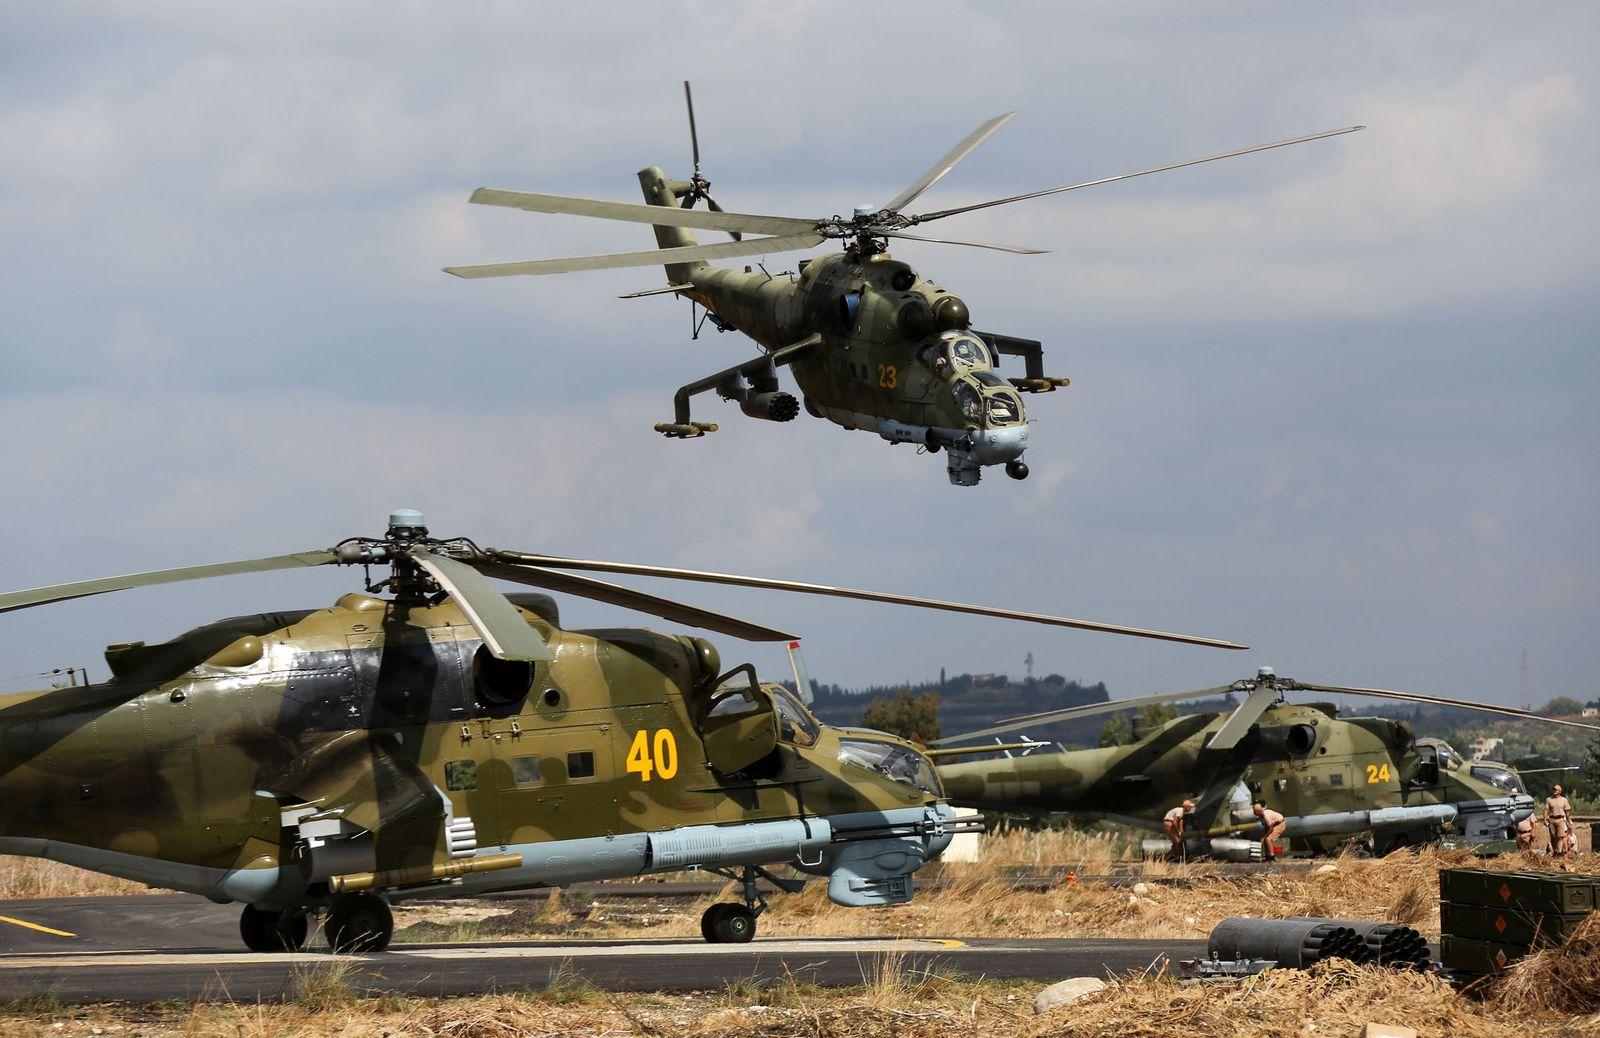 NICHT MEHR VERWENDEN! - Russland/ Syrien/ MI-24 Hubschrauber